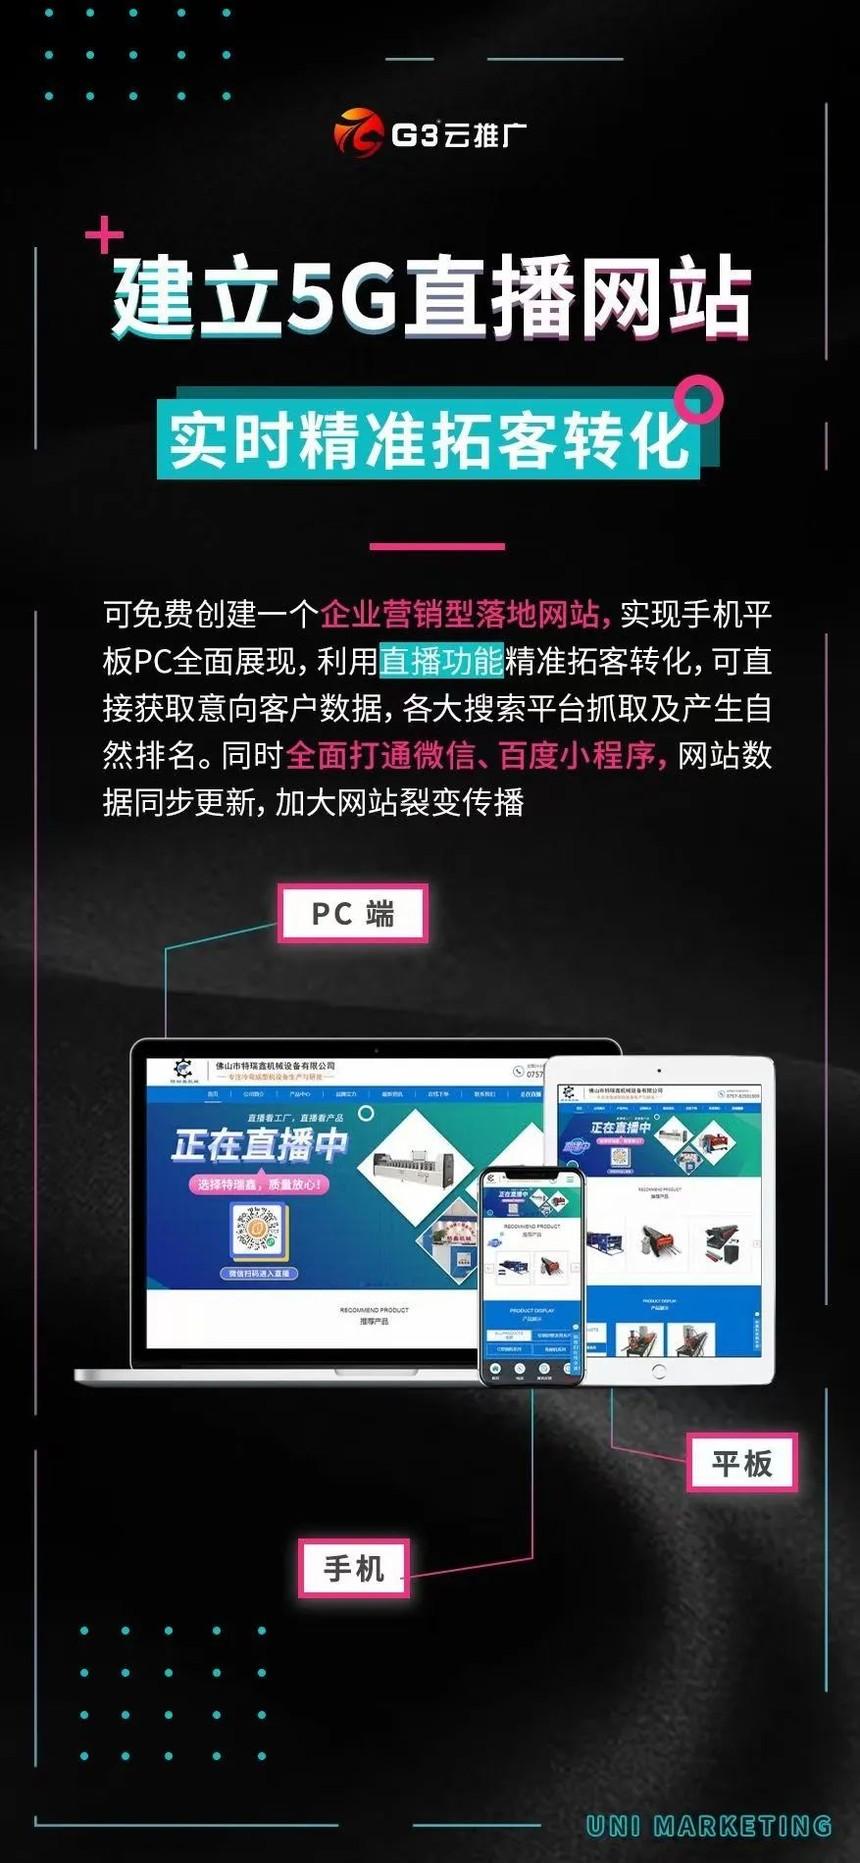 G3云推广全网整合营销系统如何帮助西安企业实现全网营销